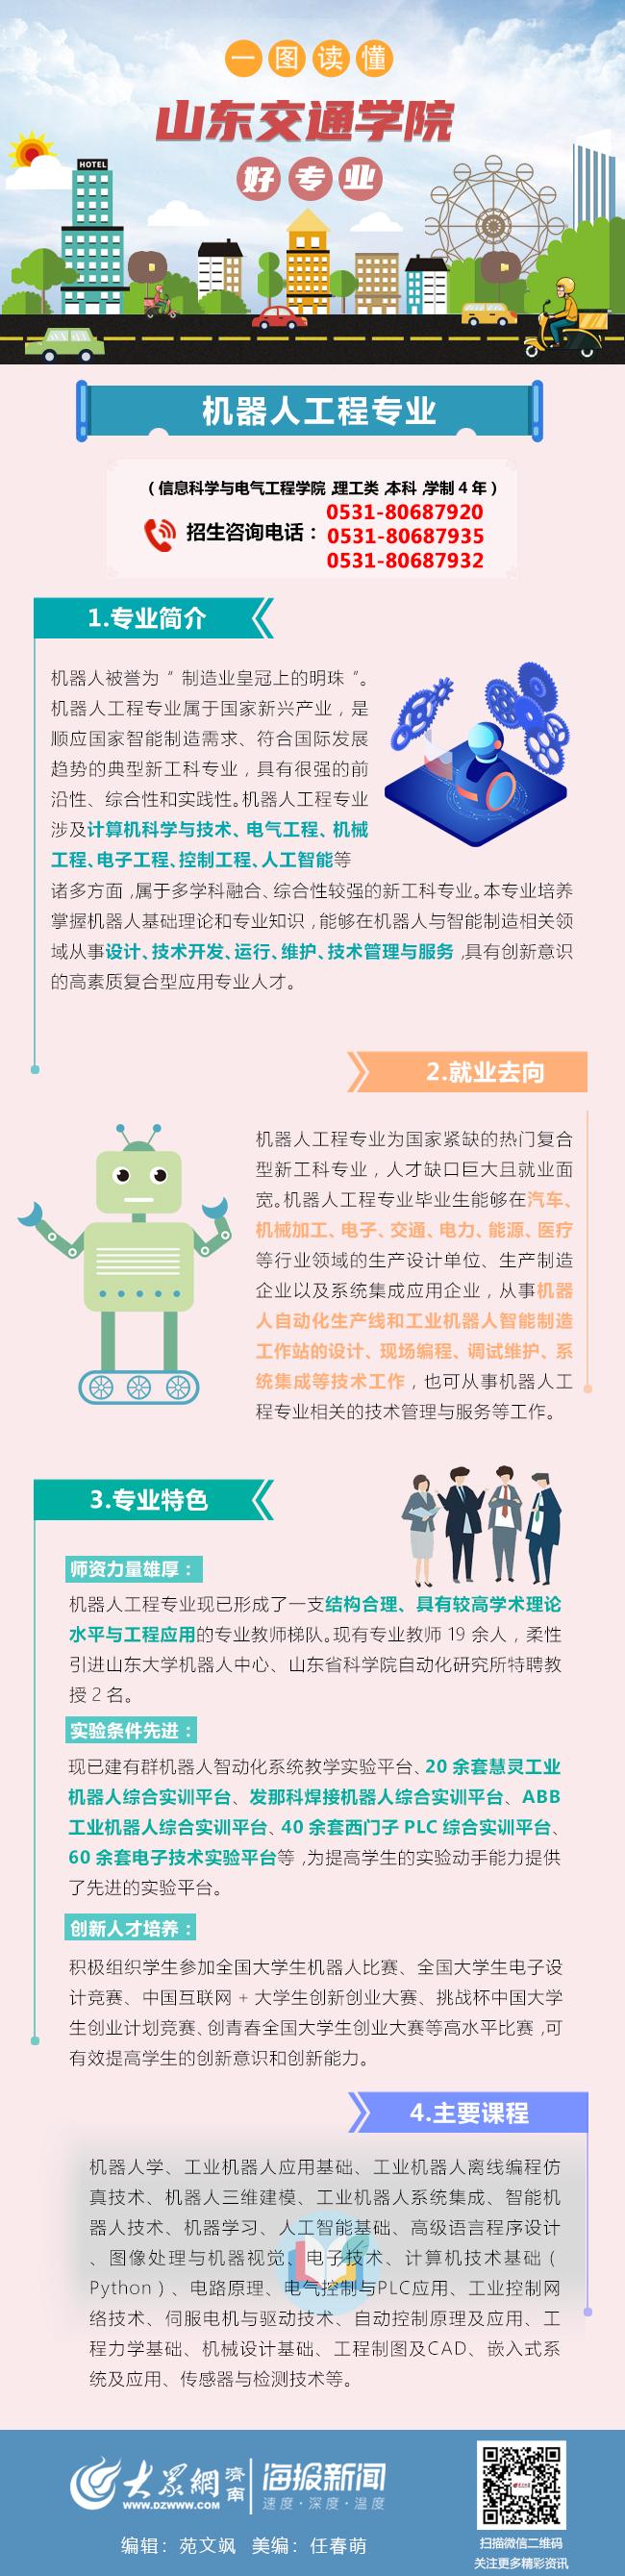 """《【沐鸣2娱乐代理注册】""""山东交通学院一图看懂好专业""""——机器人工程专业》"""